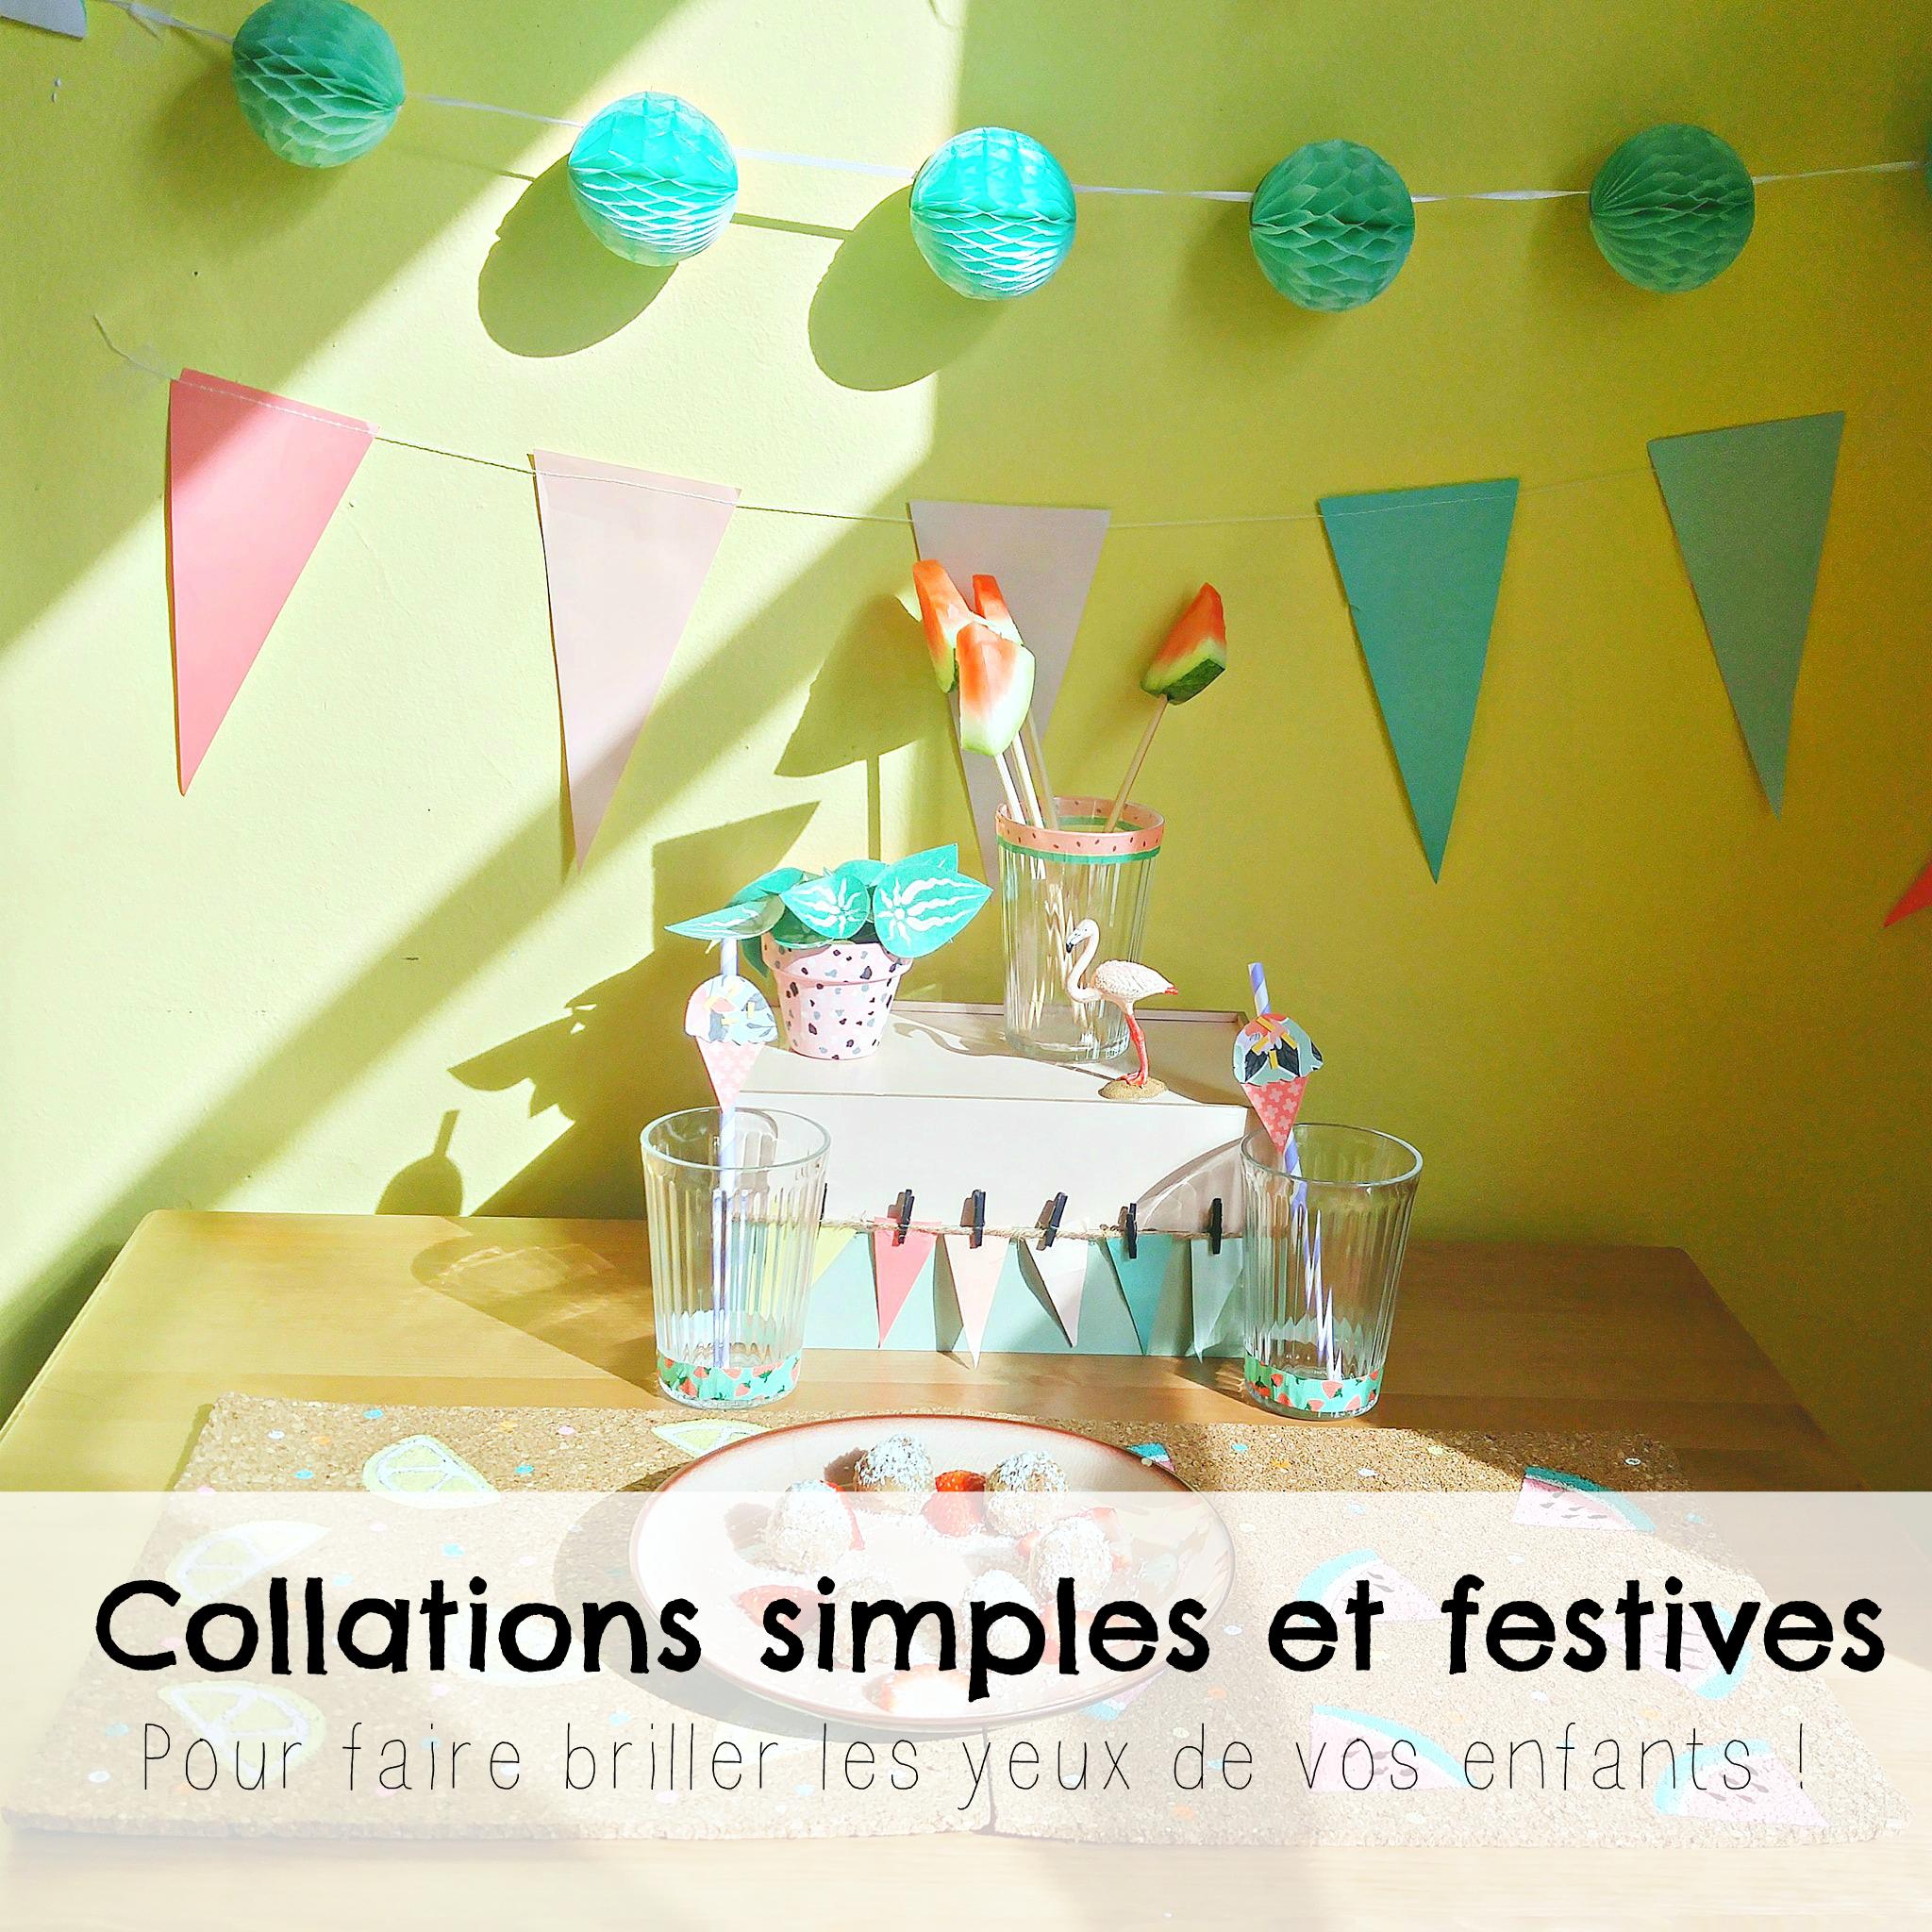 Des collations simples et festives pour épater vos enfants !